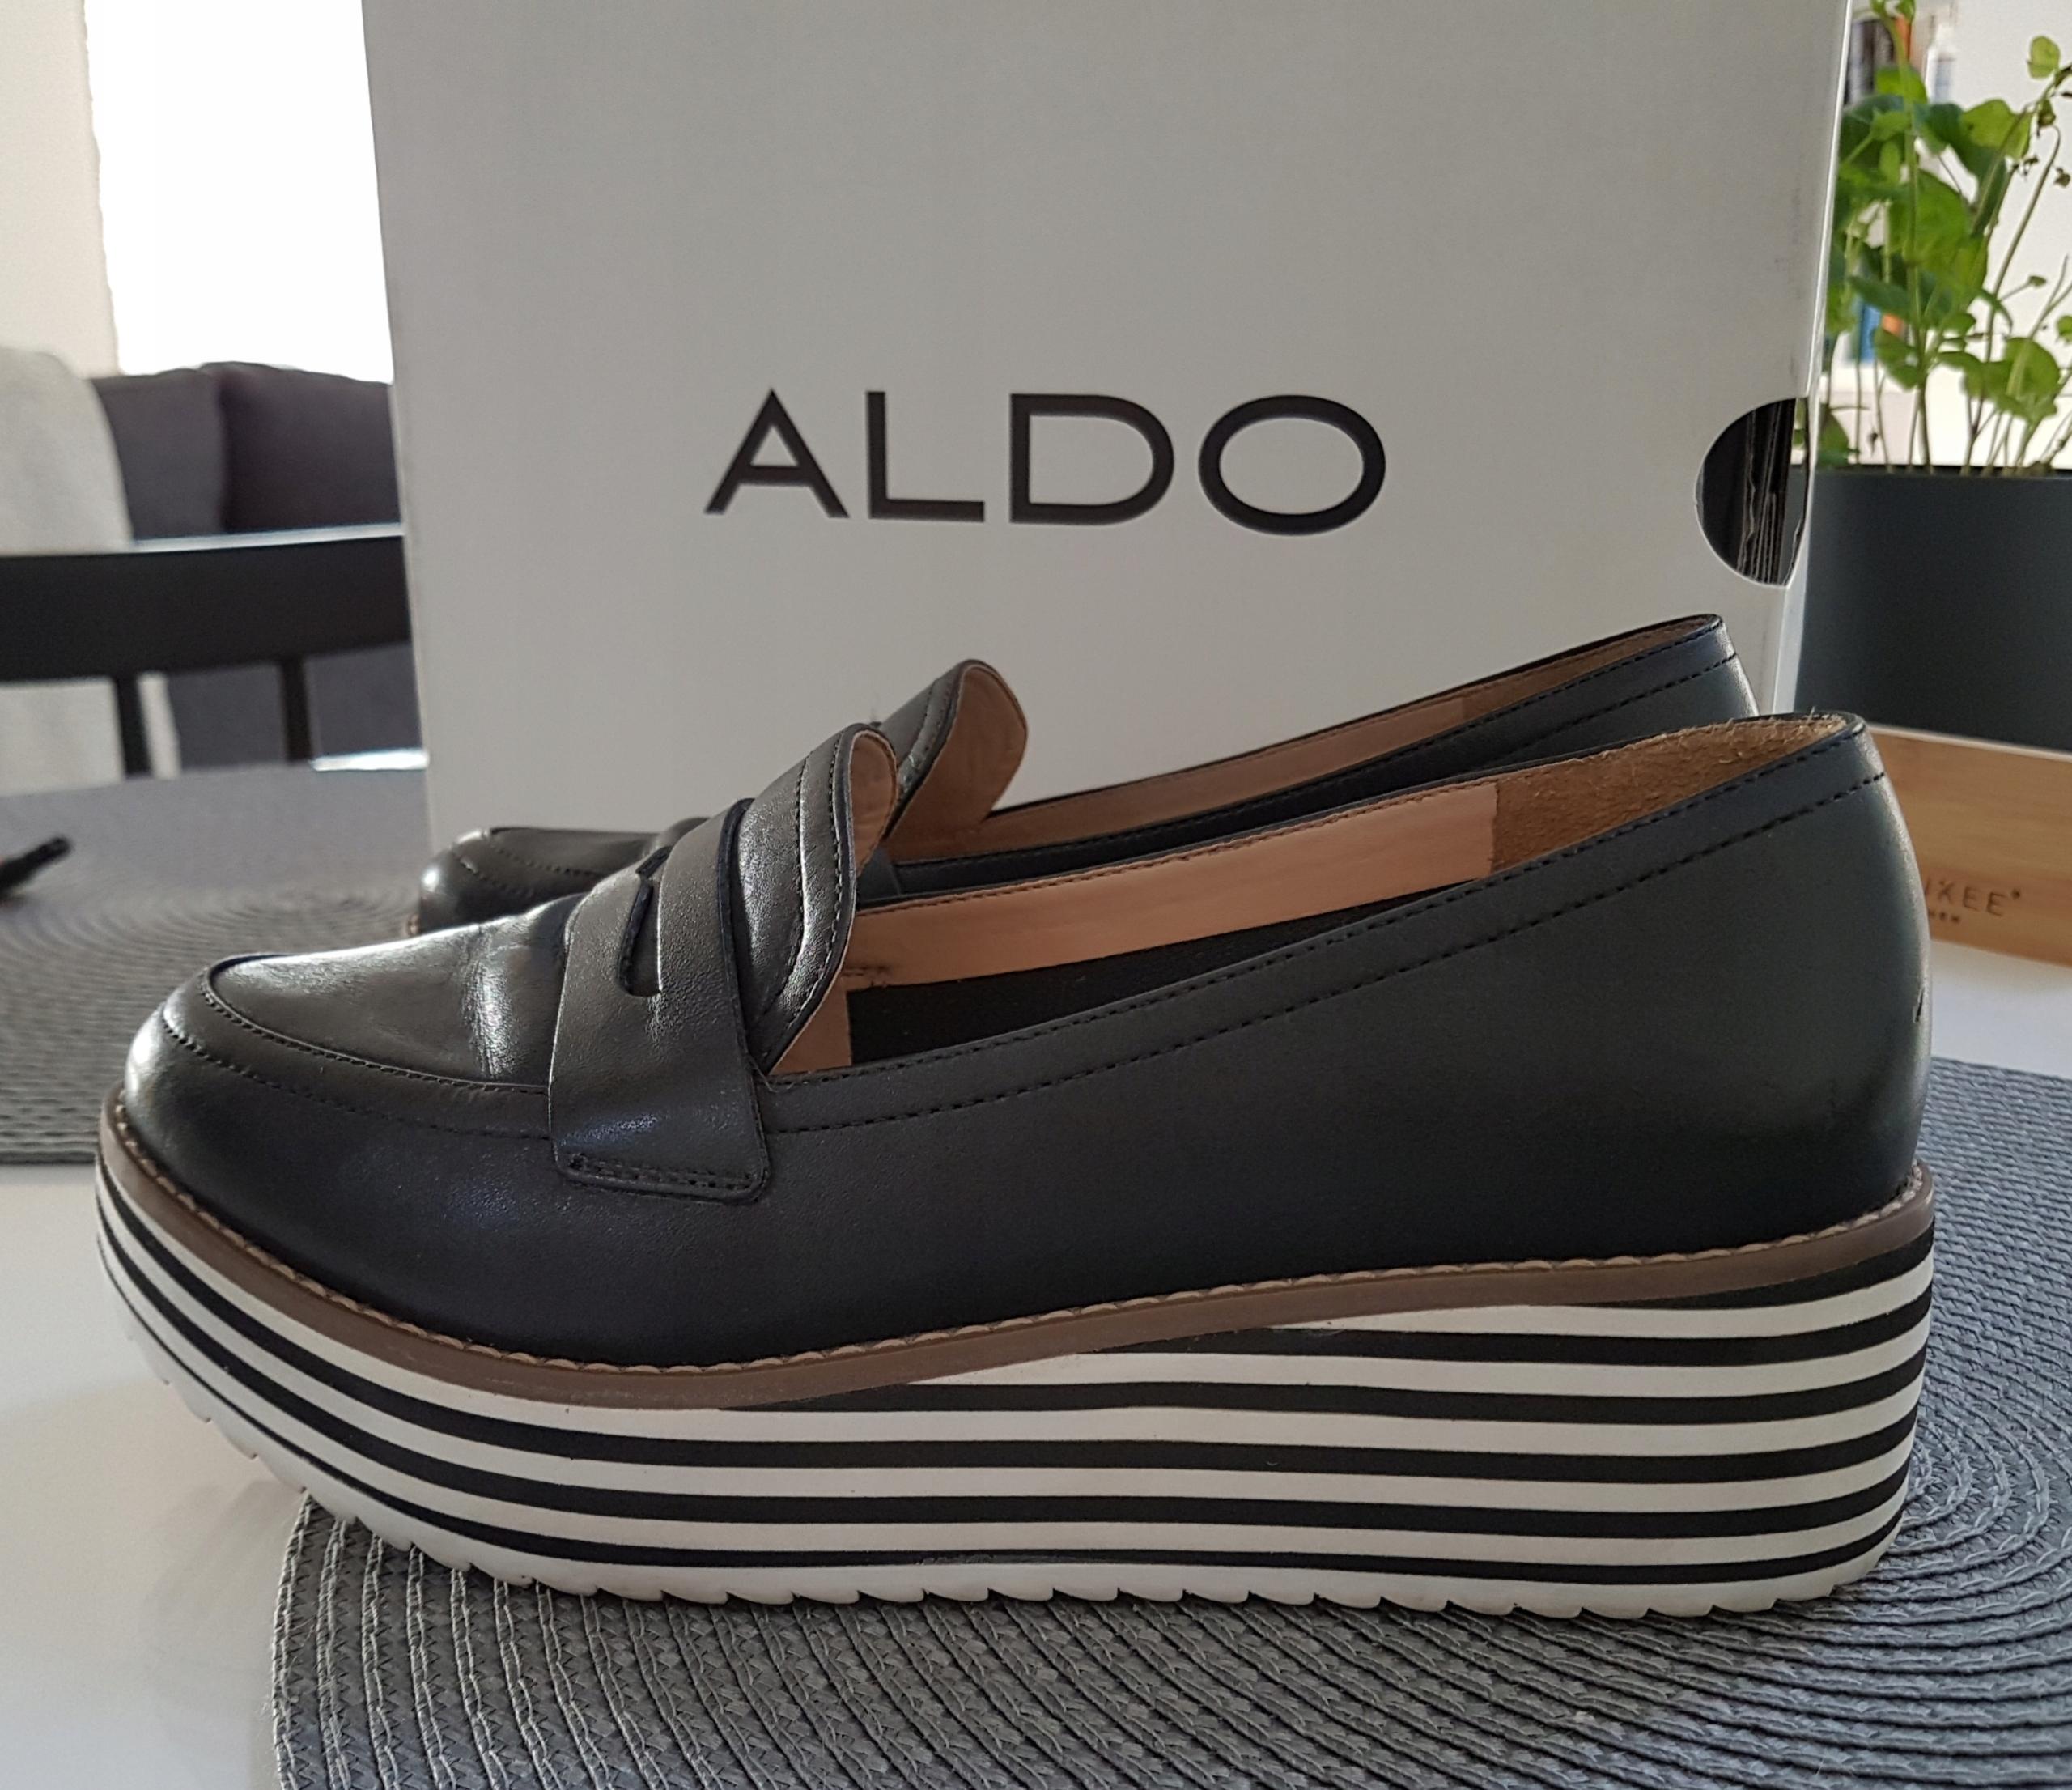 Półbuty Aldo rozm. 36 jak nowe. CENA sklepowa 390